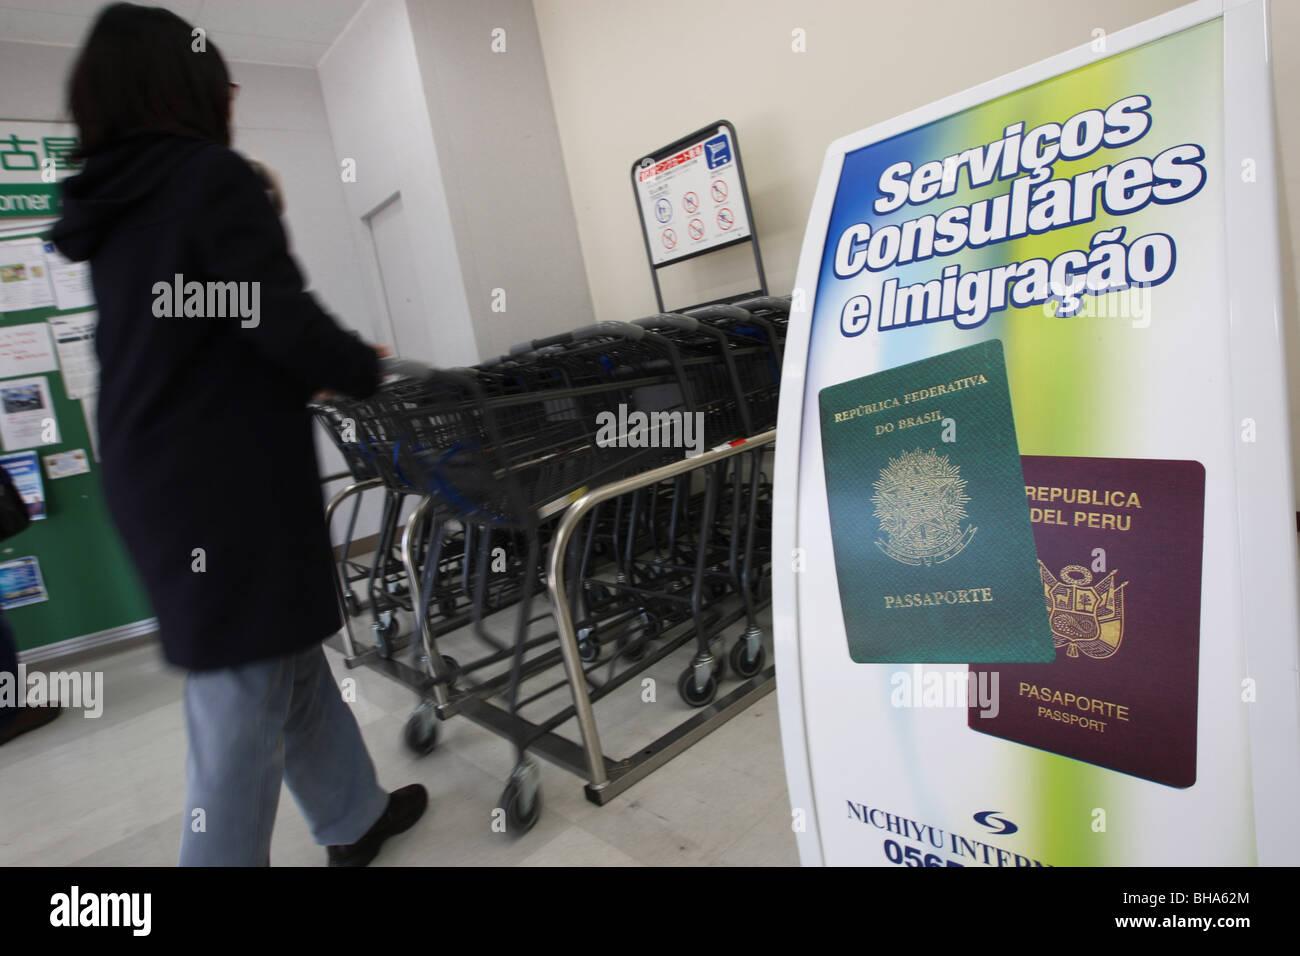 Annuncio per consolare il servizio immigrazione aiuto, in 'Homi Danshi'- un alloggiamento station wagon Immagini Stock